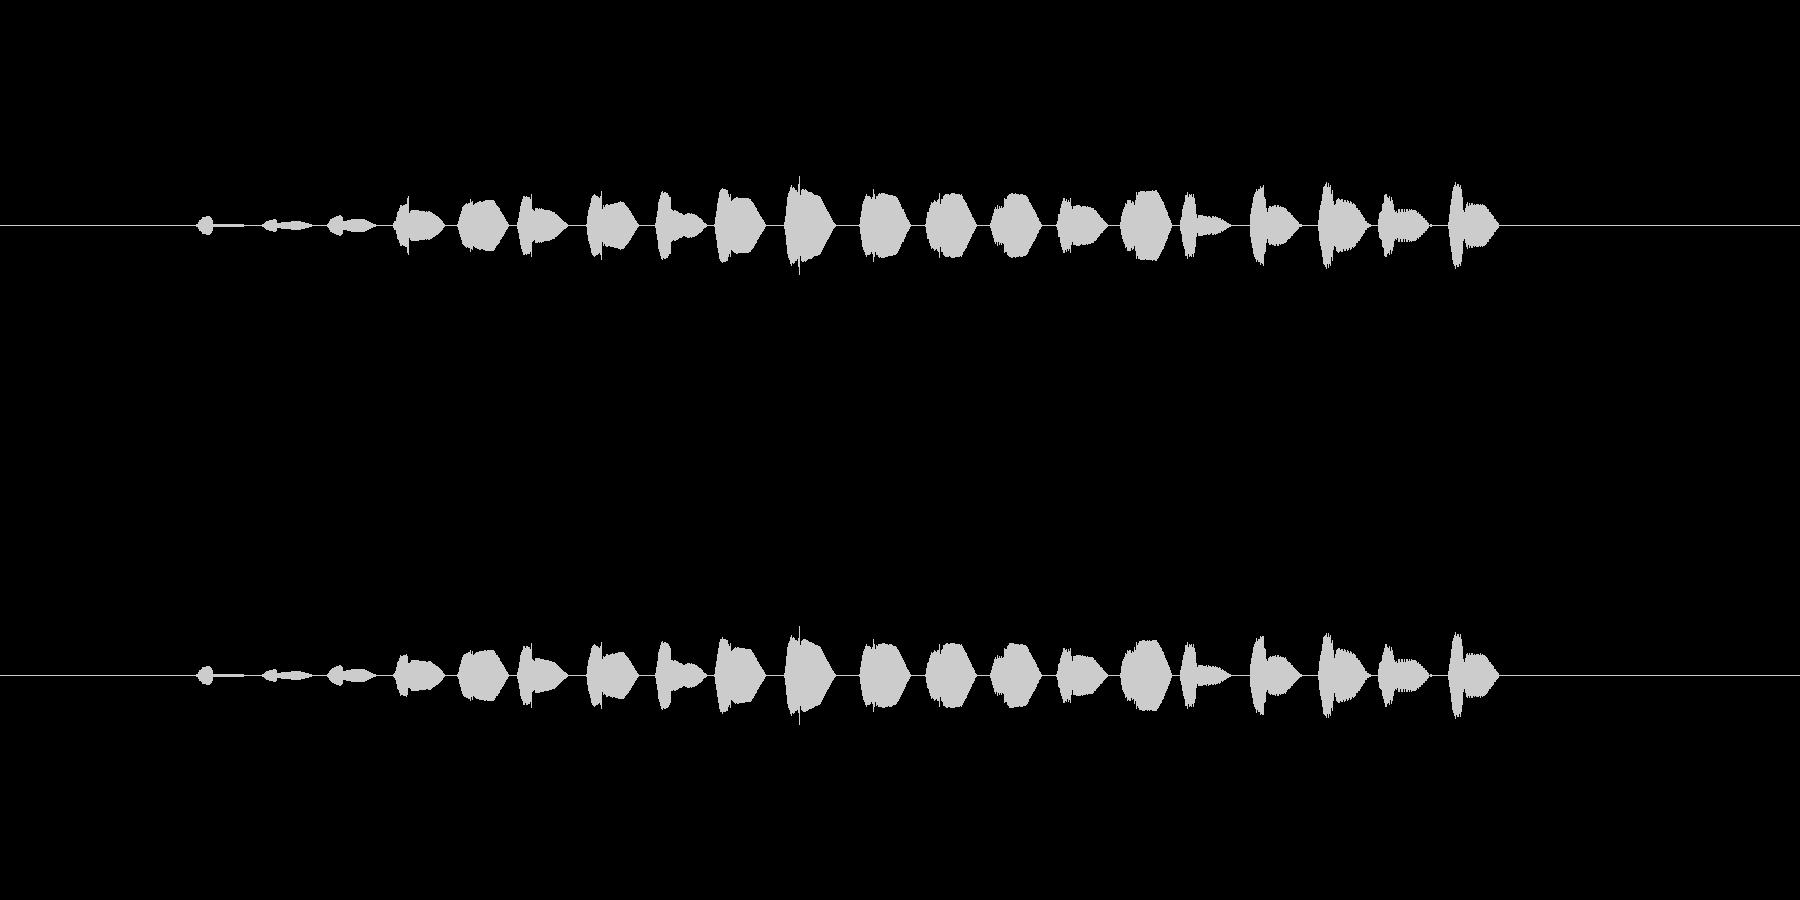 【ポップモーション24-4】の未再生の波形